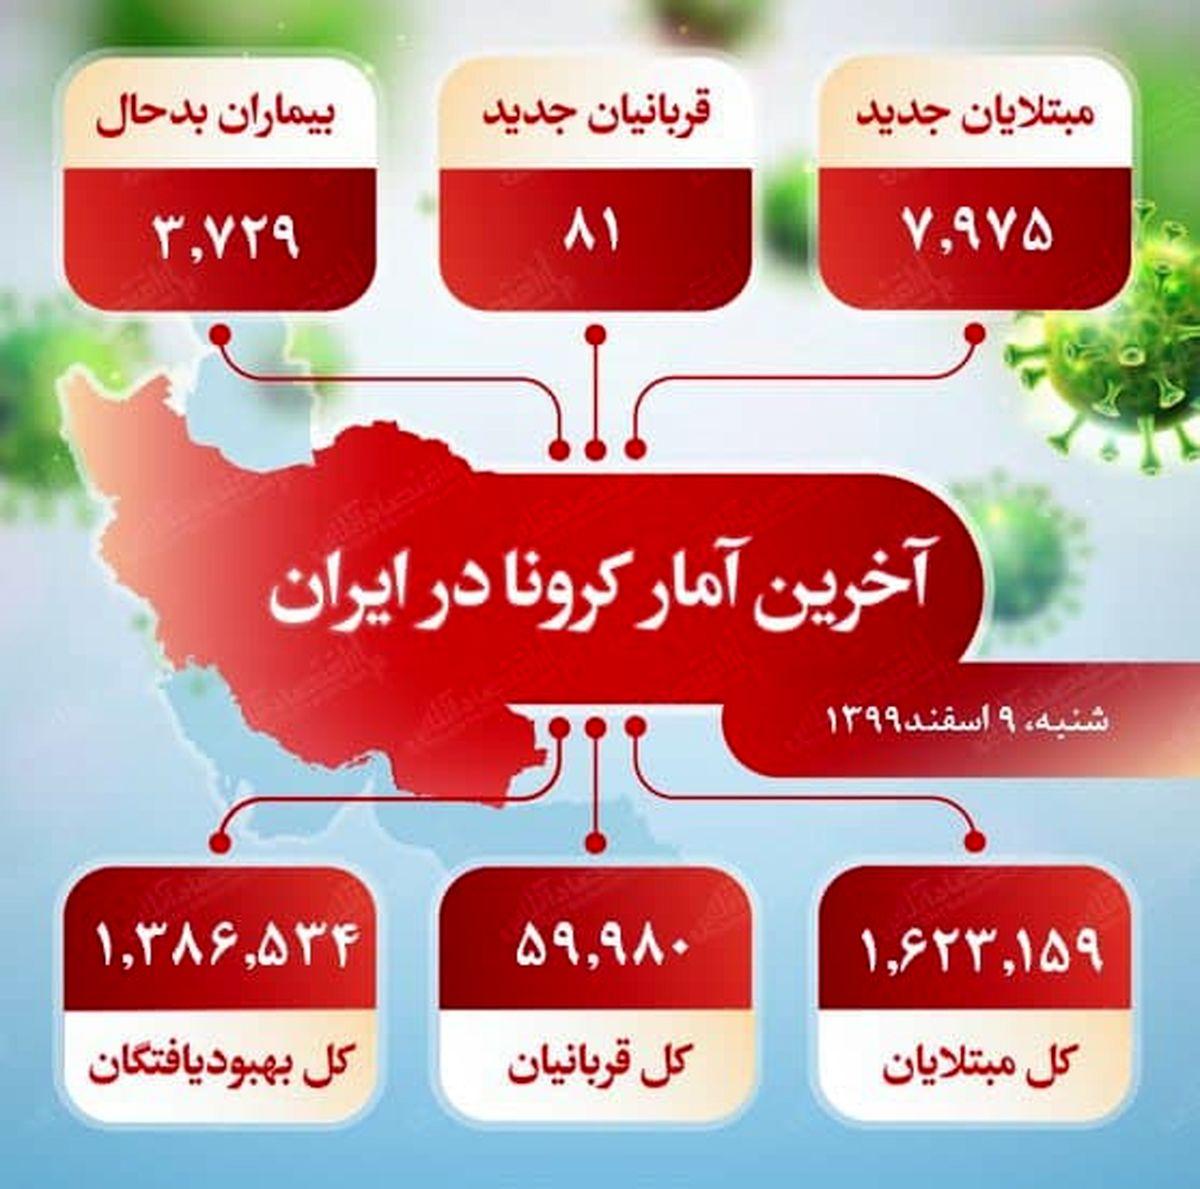 آخرین آمار کرونا در ایران (۹۹/۱۲/۹)